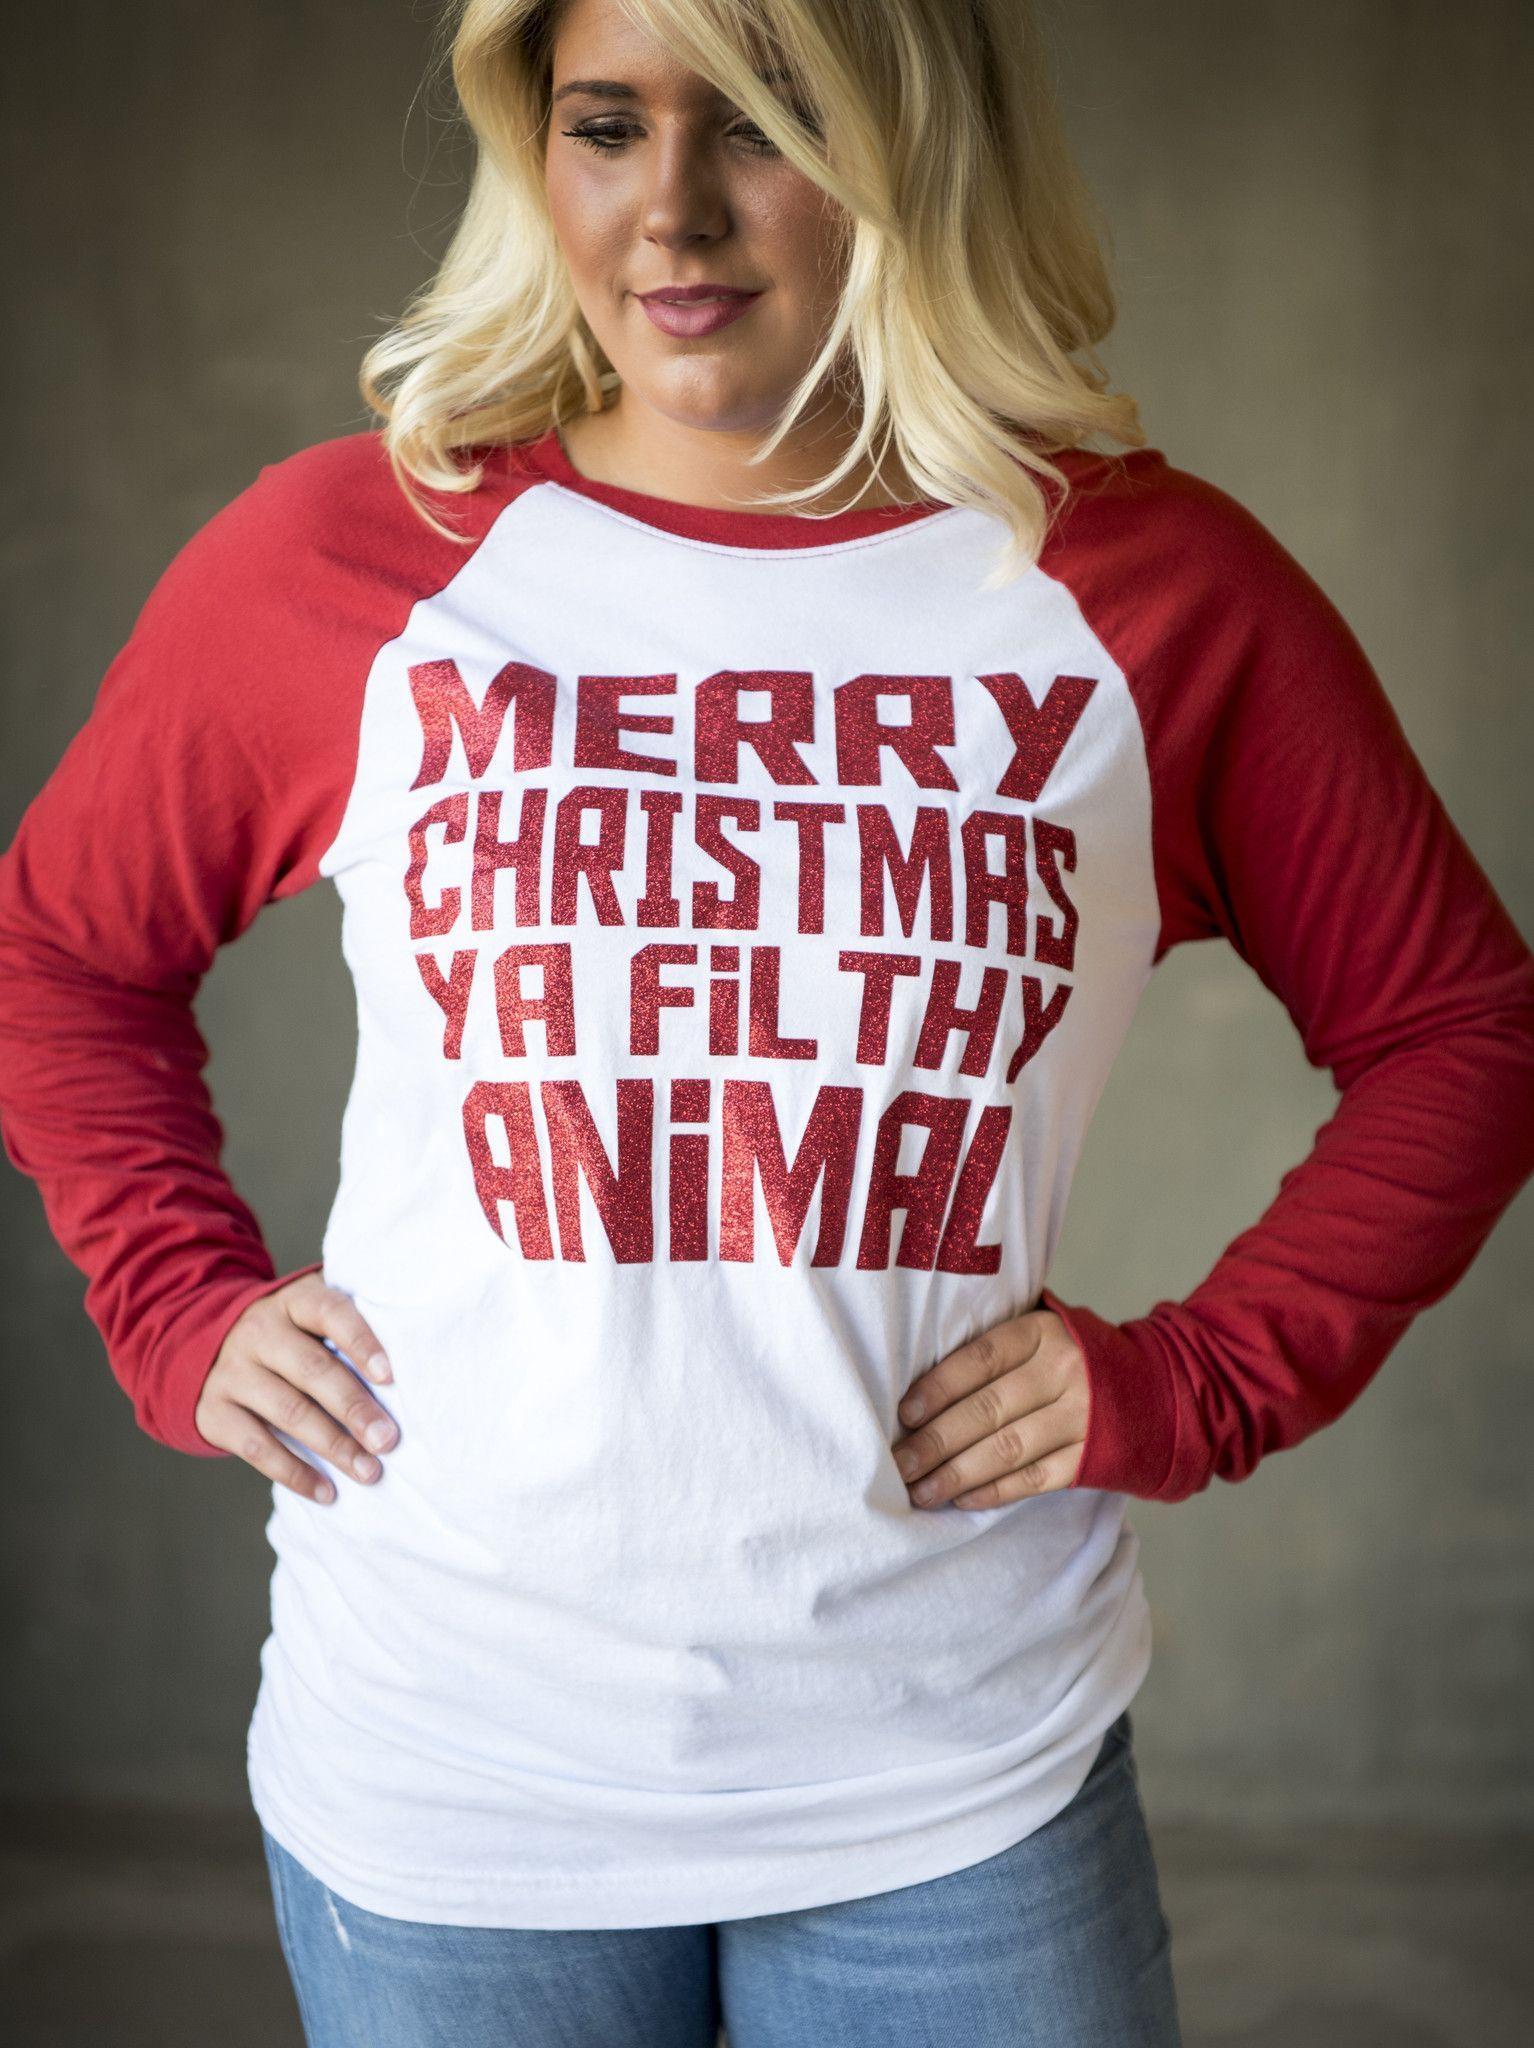 c206546df Home Alone Merry Christmas Ya Filthy Animal Funny Christmas shirt Holiday  Funny Long Sleeve Tee